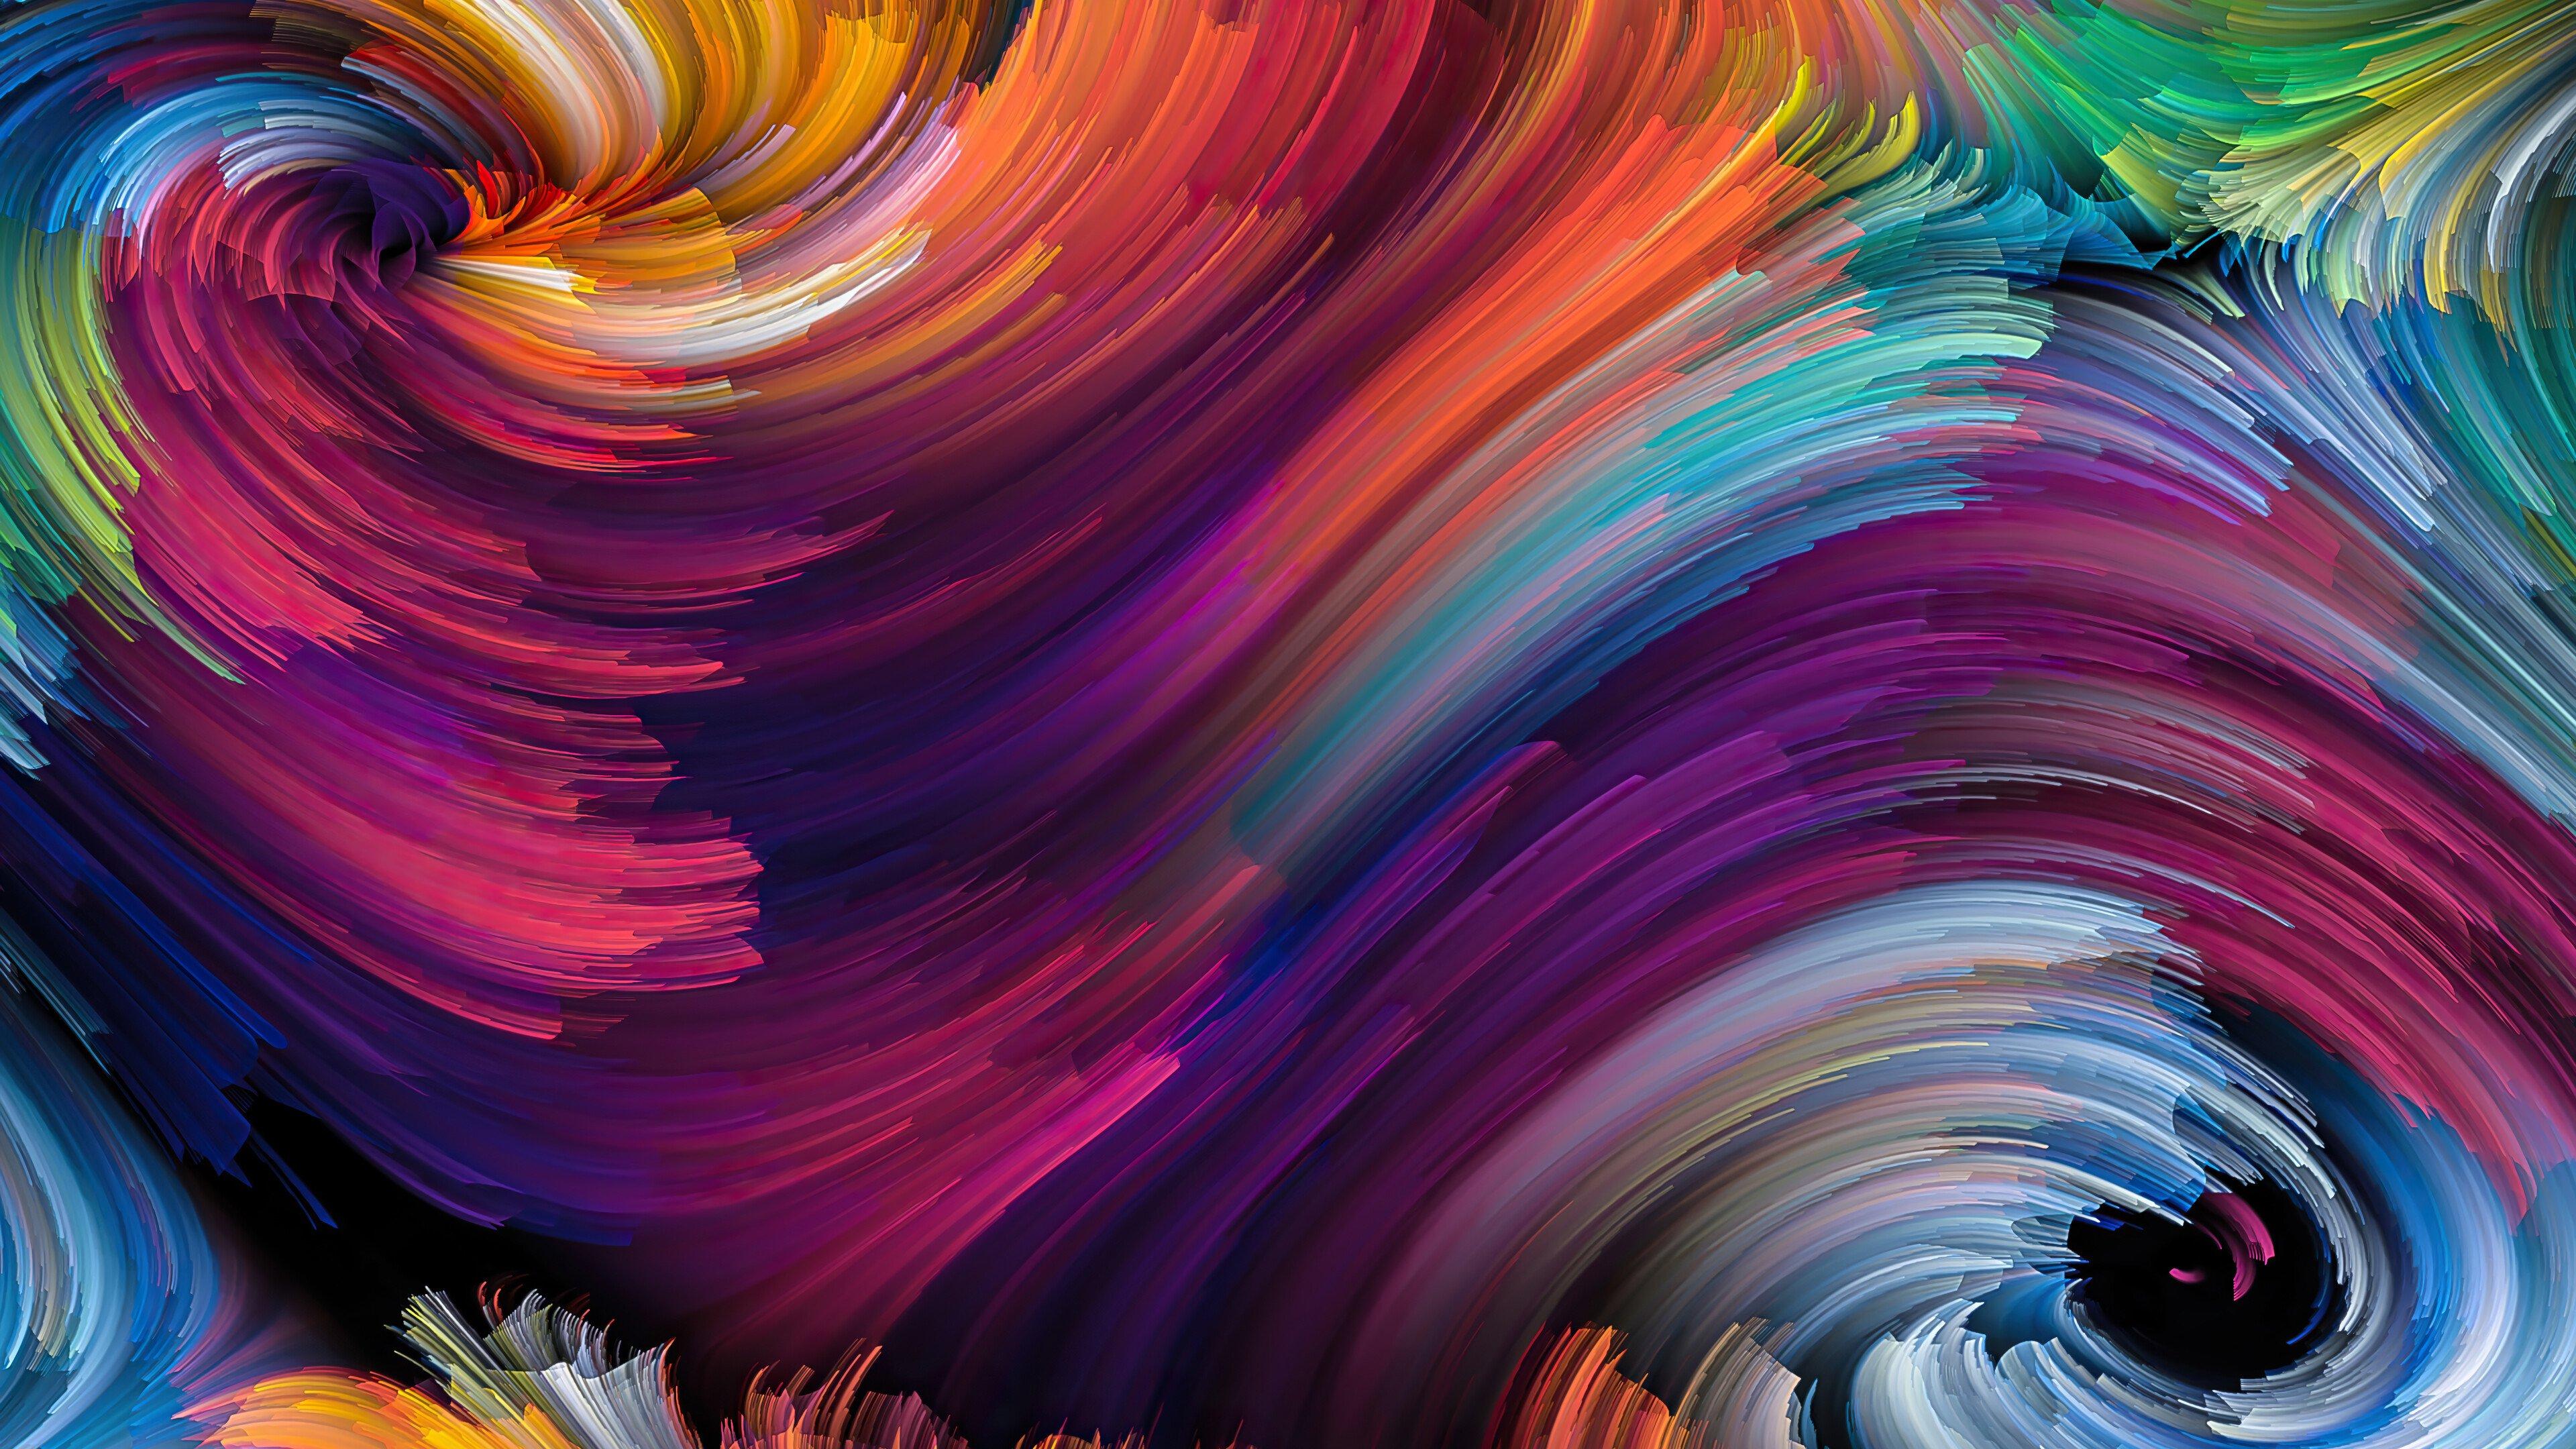 Fondos de pantalla Colores en patrón de remolino